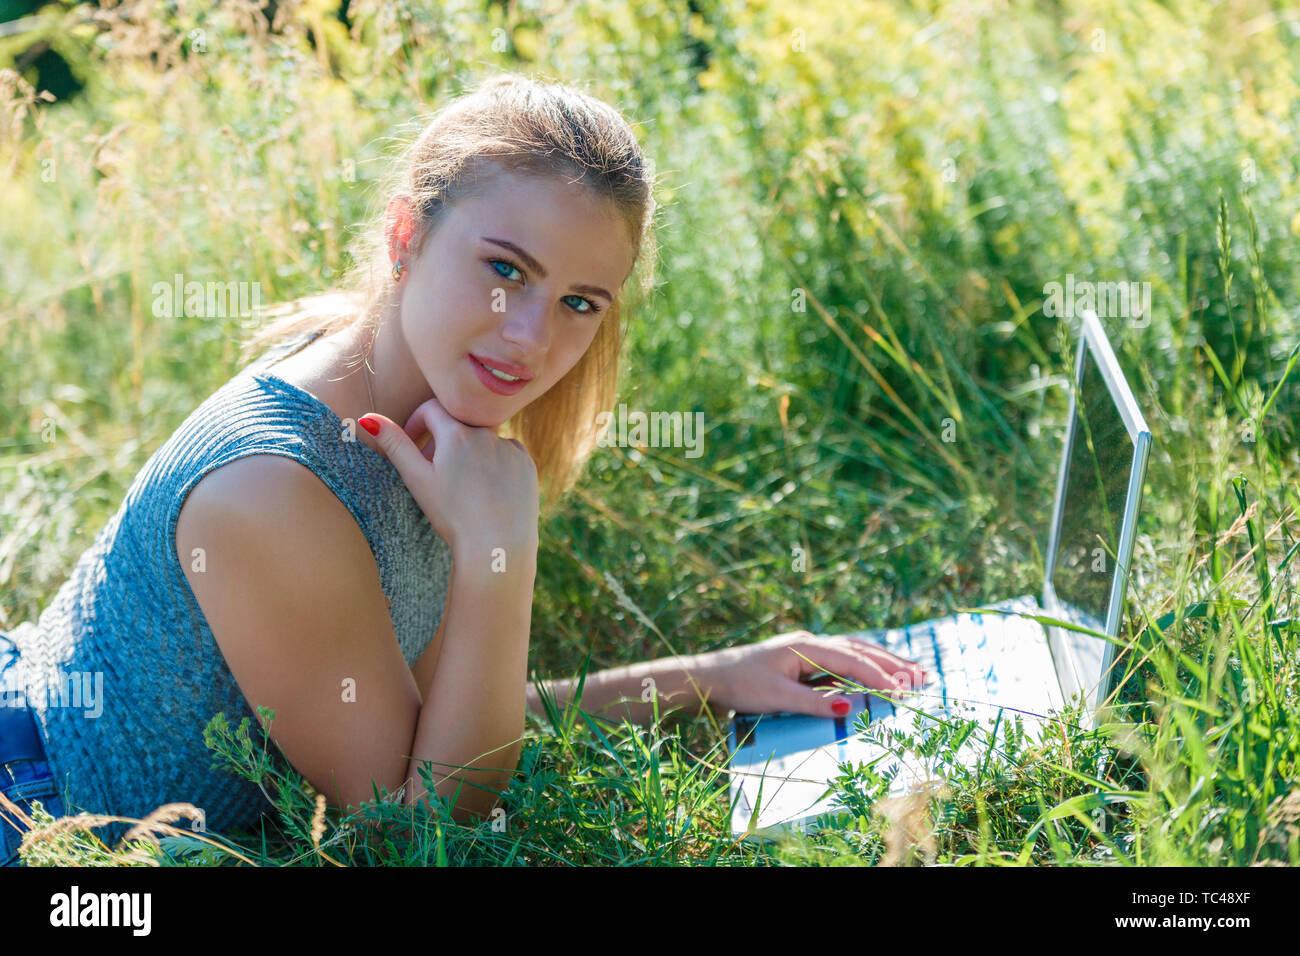 Девушка модель индивидуальной работы как правильно измерять талию